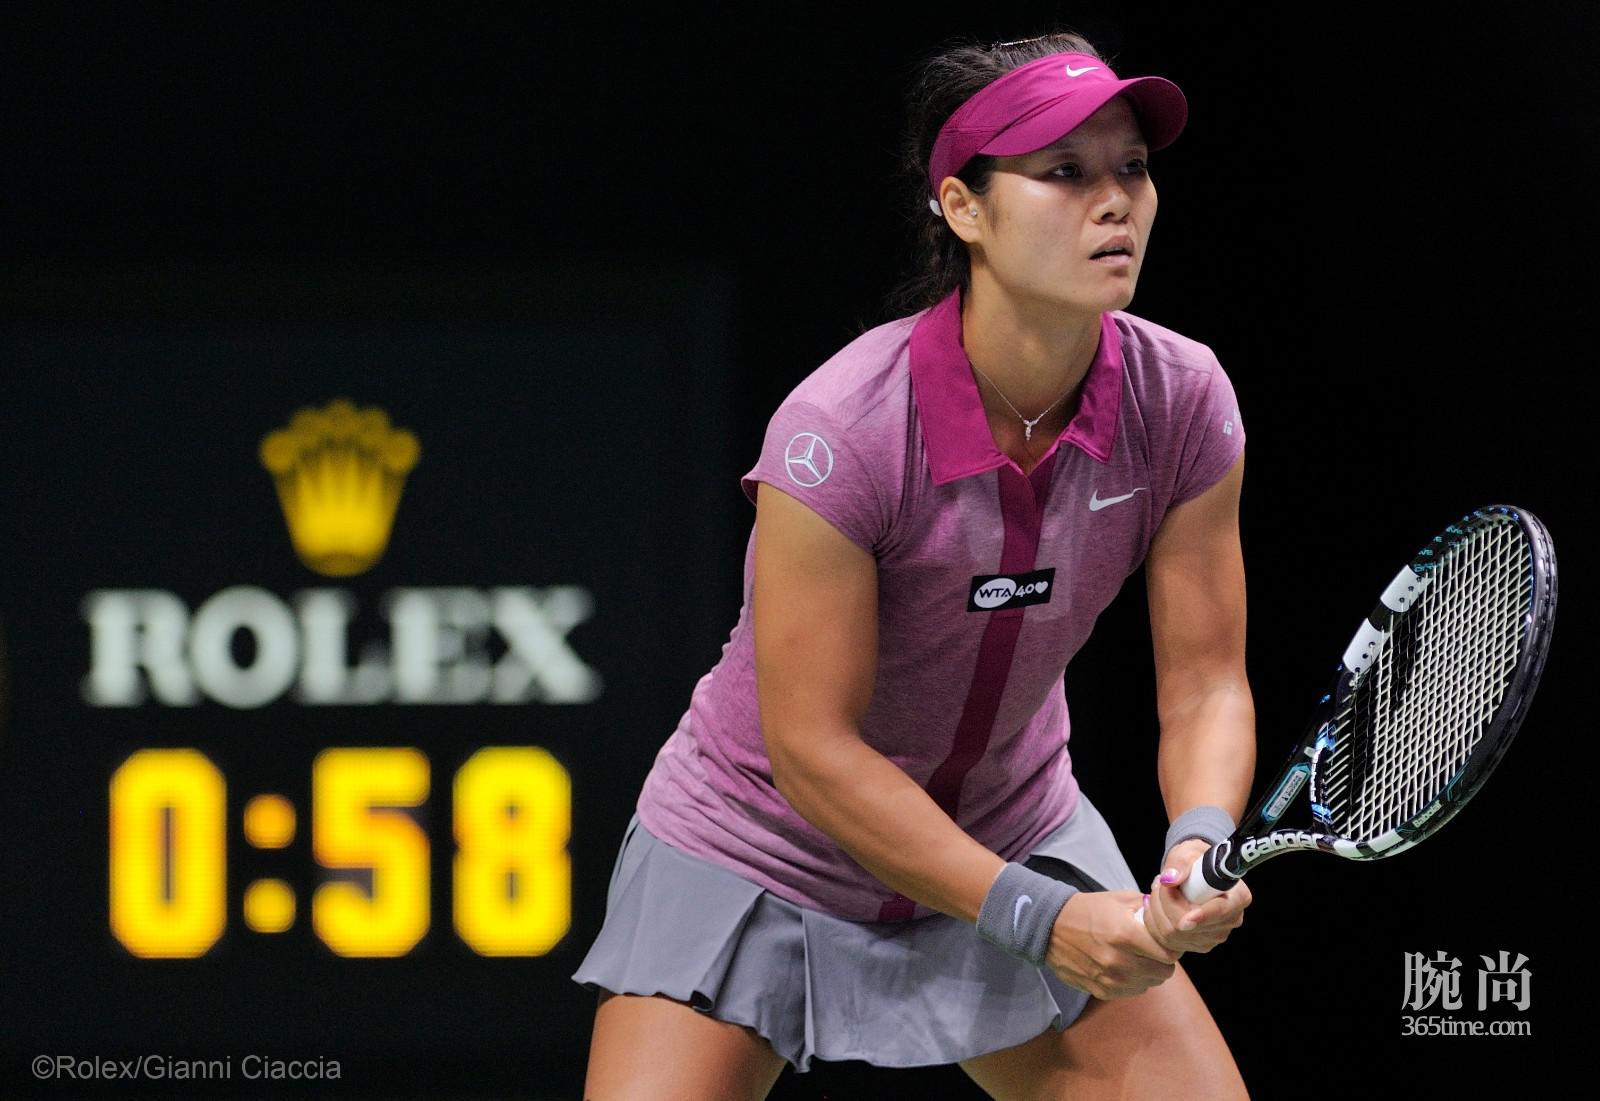 劳力士代言人李娜于2013年国际女子网球协会(WTA)锦标赛©Rolex Gianni Ciaccia.jpg